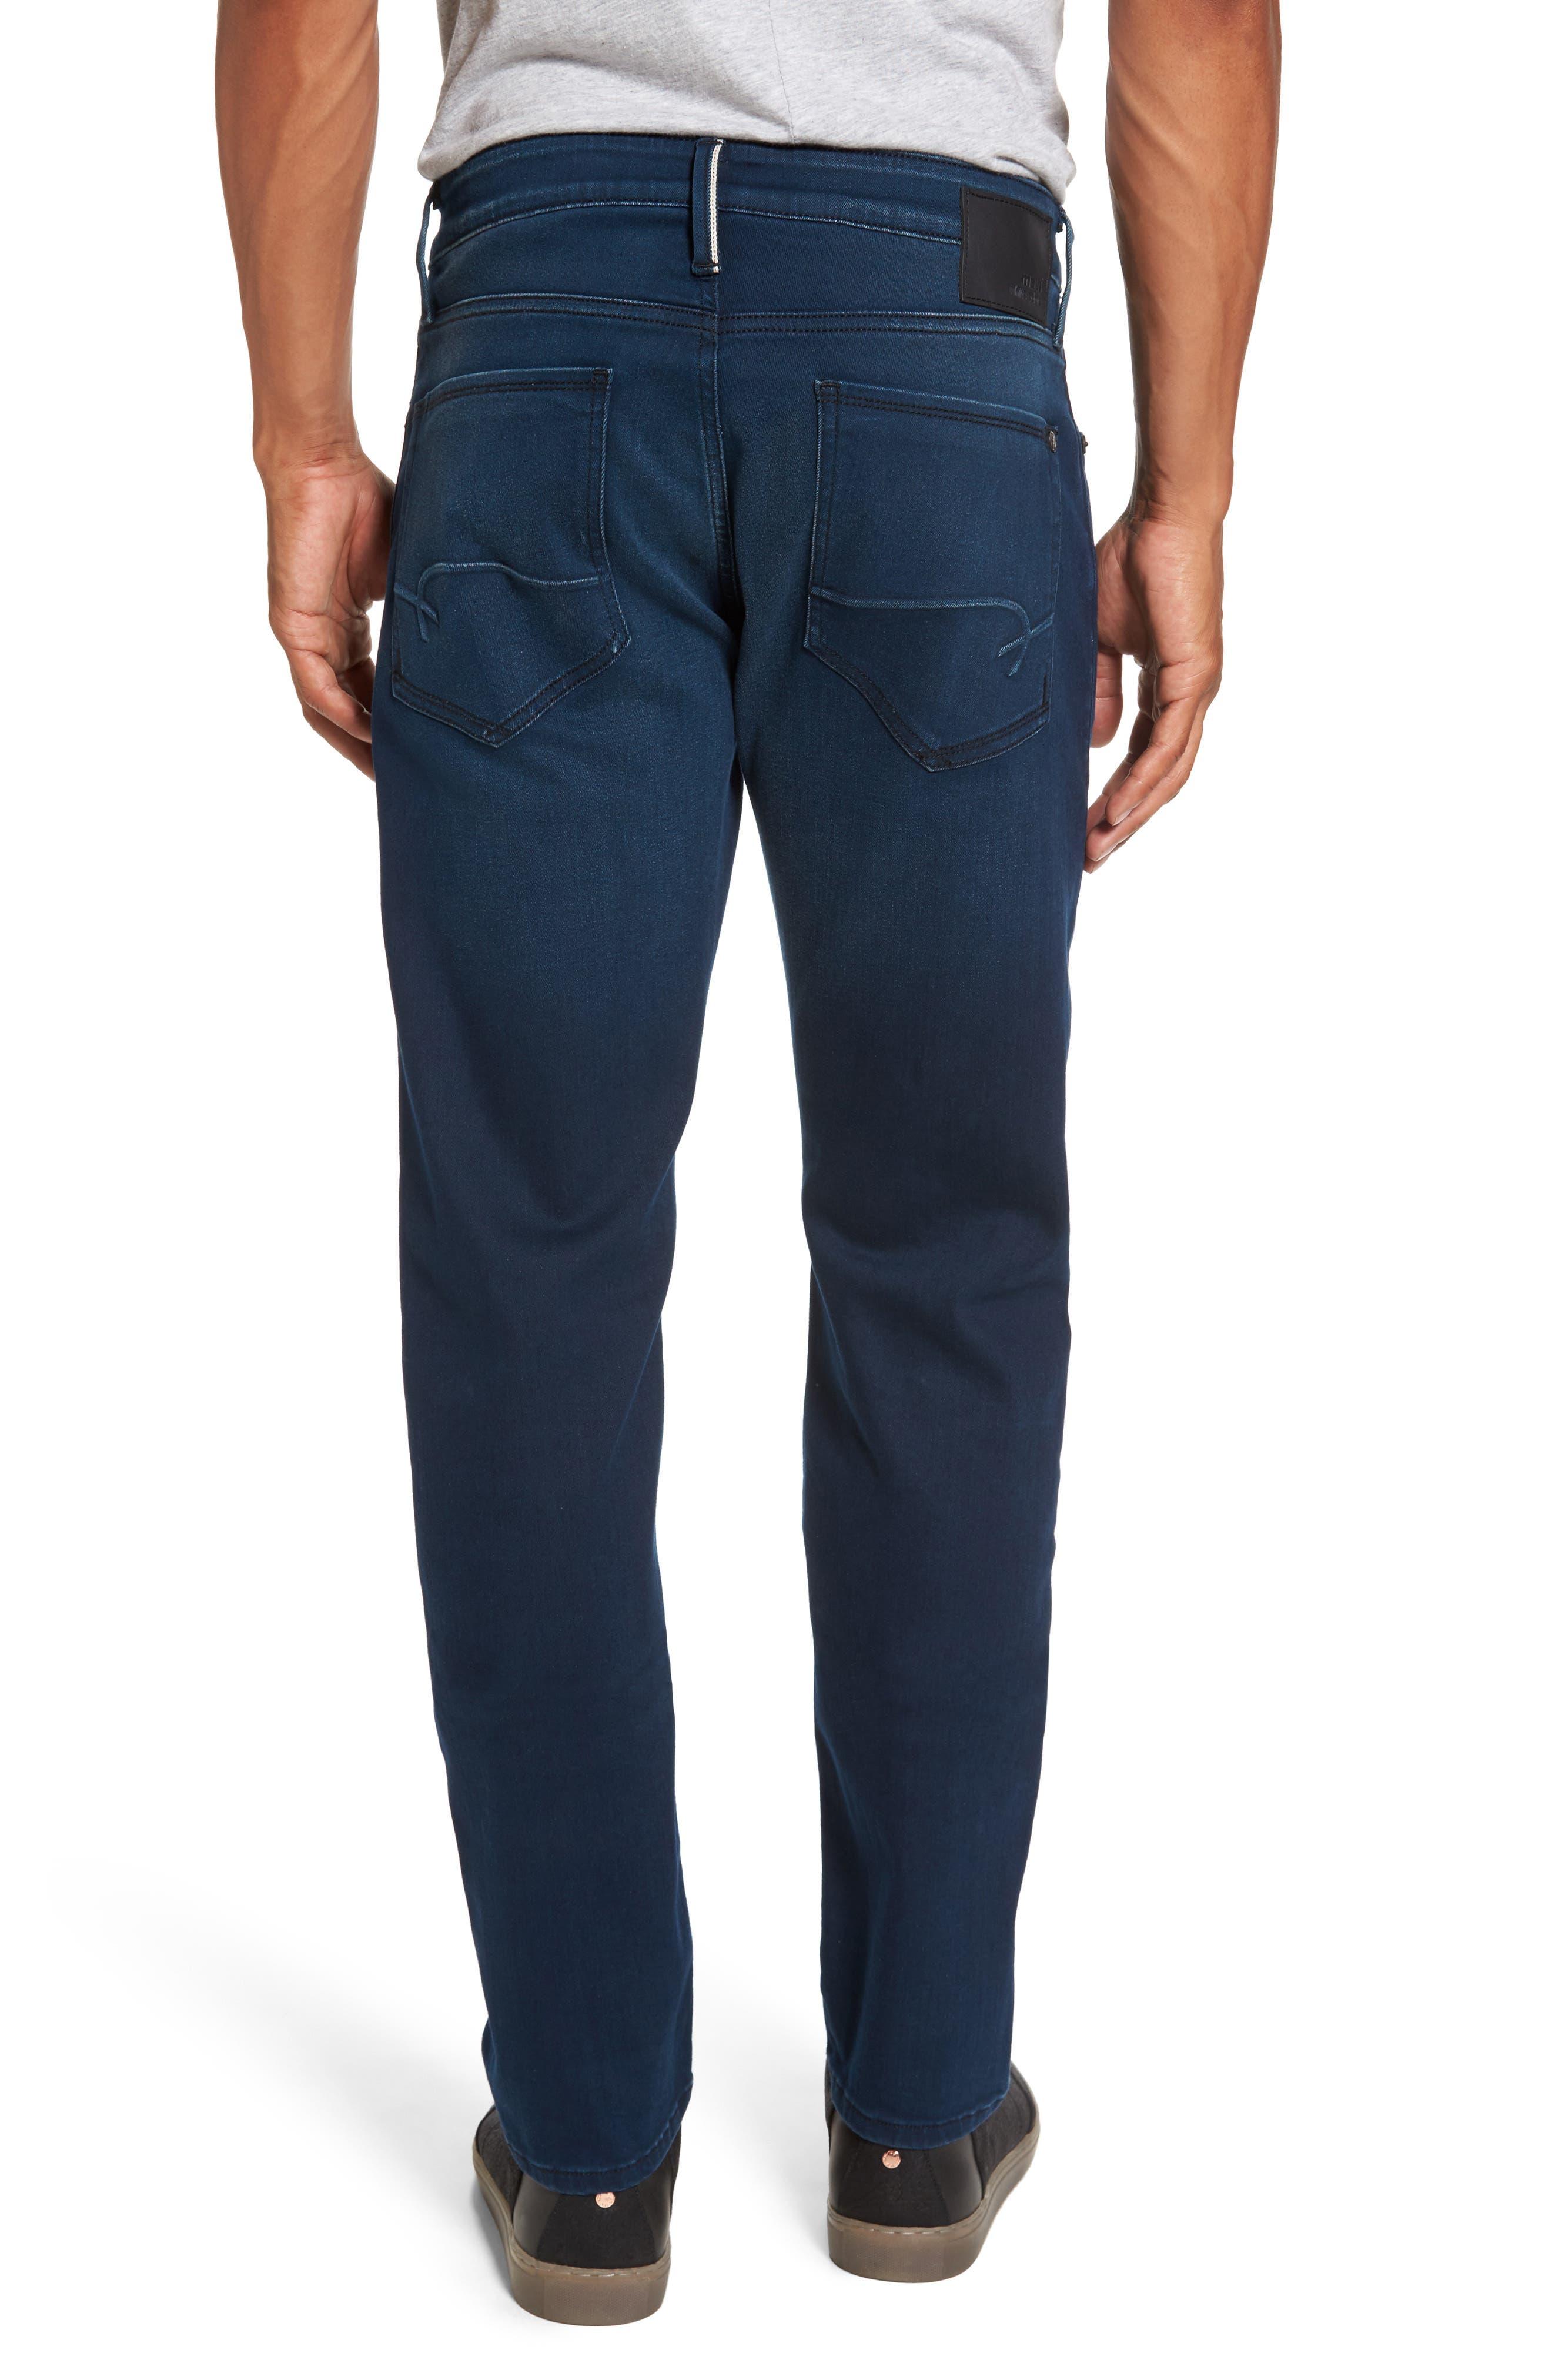 Jake Slim Fit Jeans,                             Alternate thumbnail 2, color,                             Ink Brushed Williamsburg